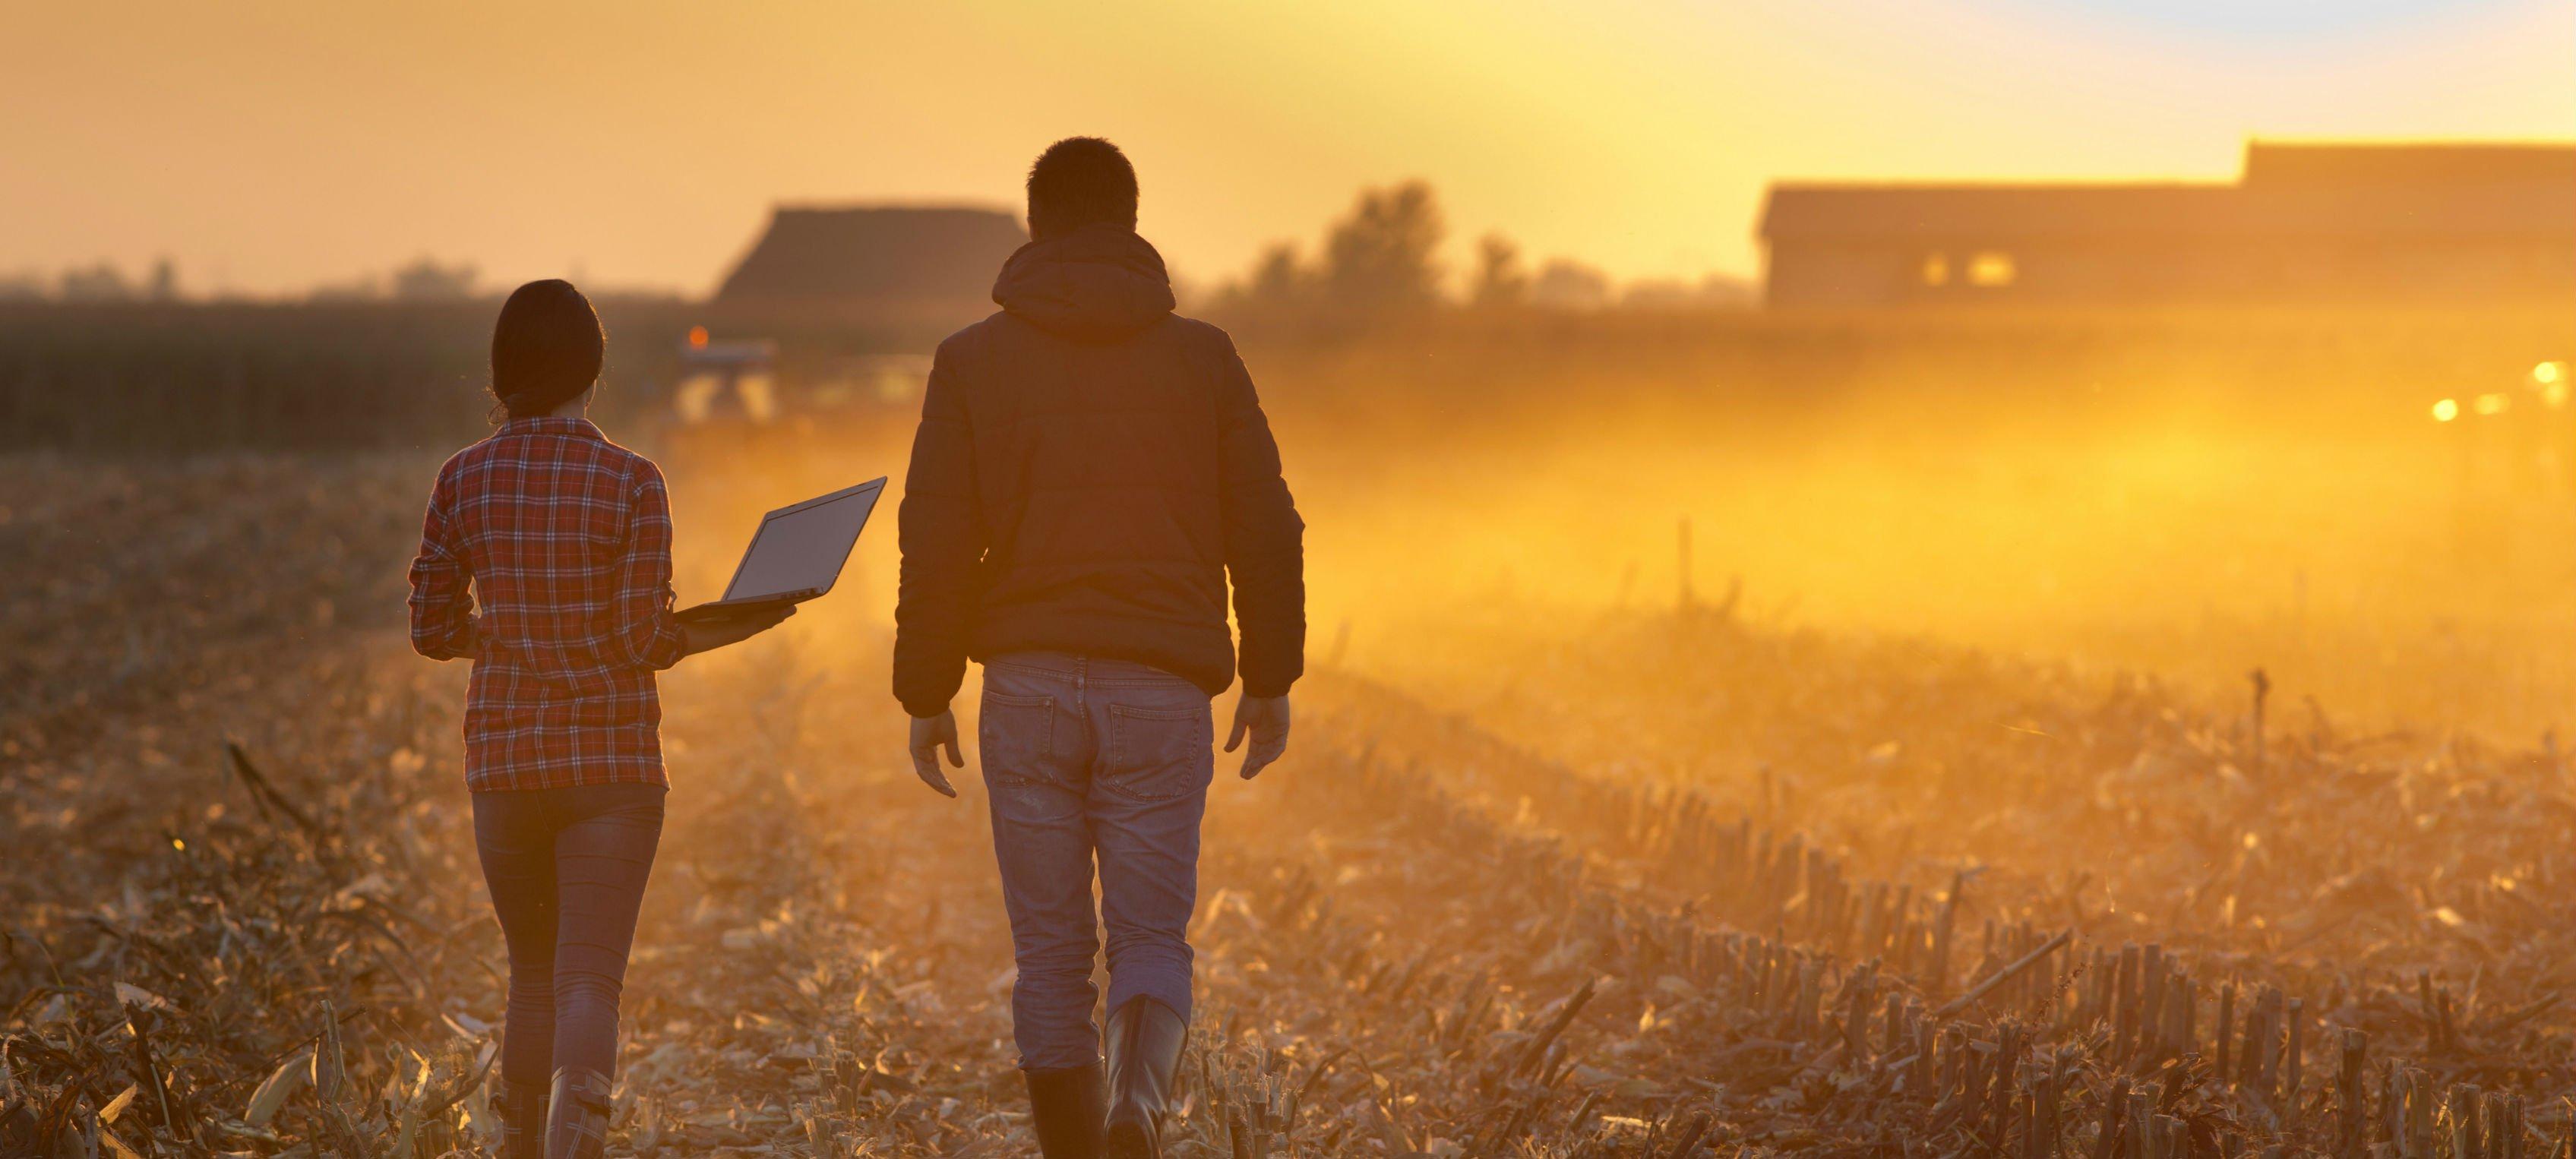 walking in field